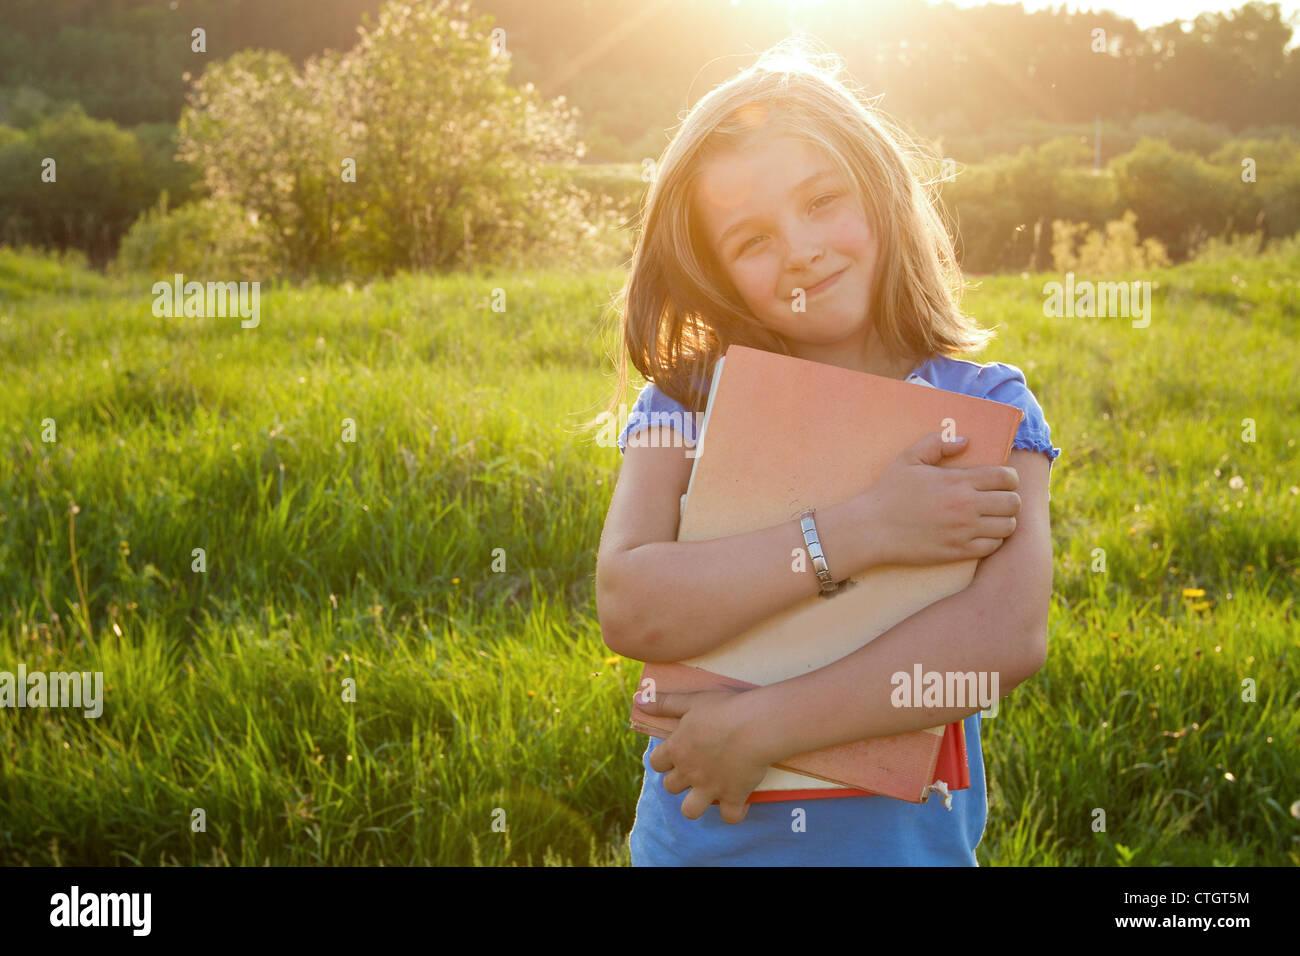 fille avec livre Photo Stock